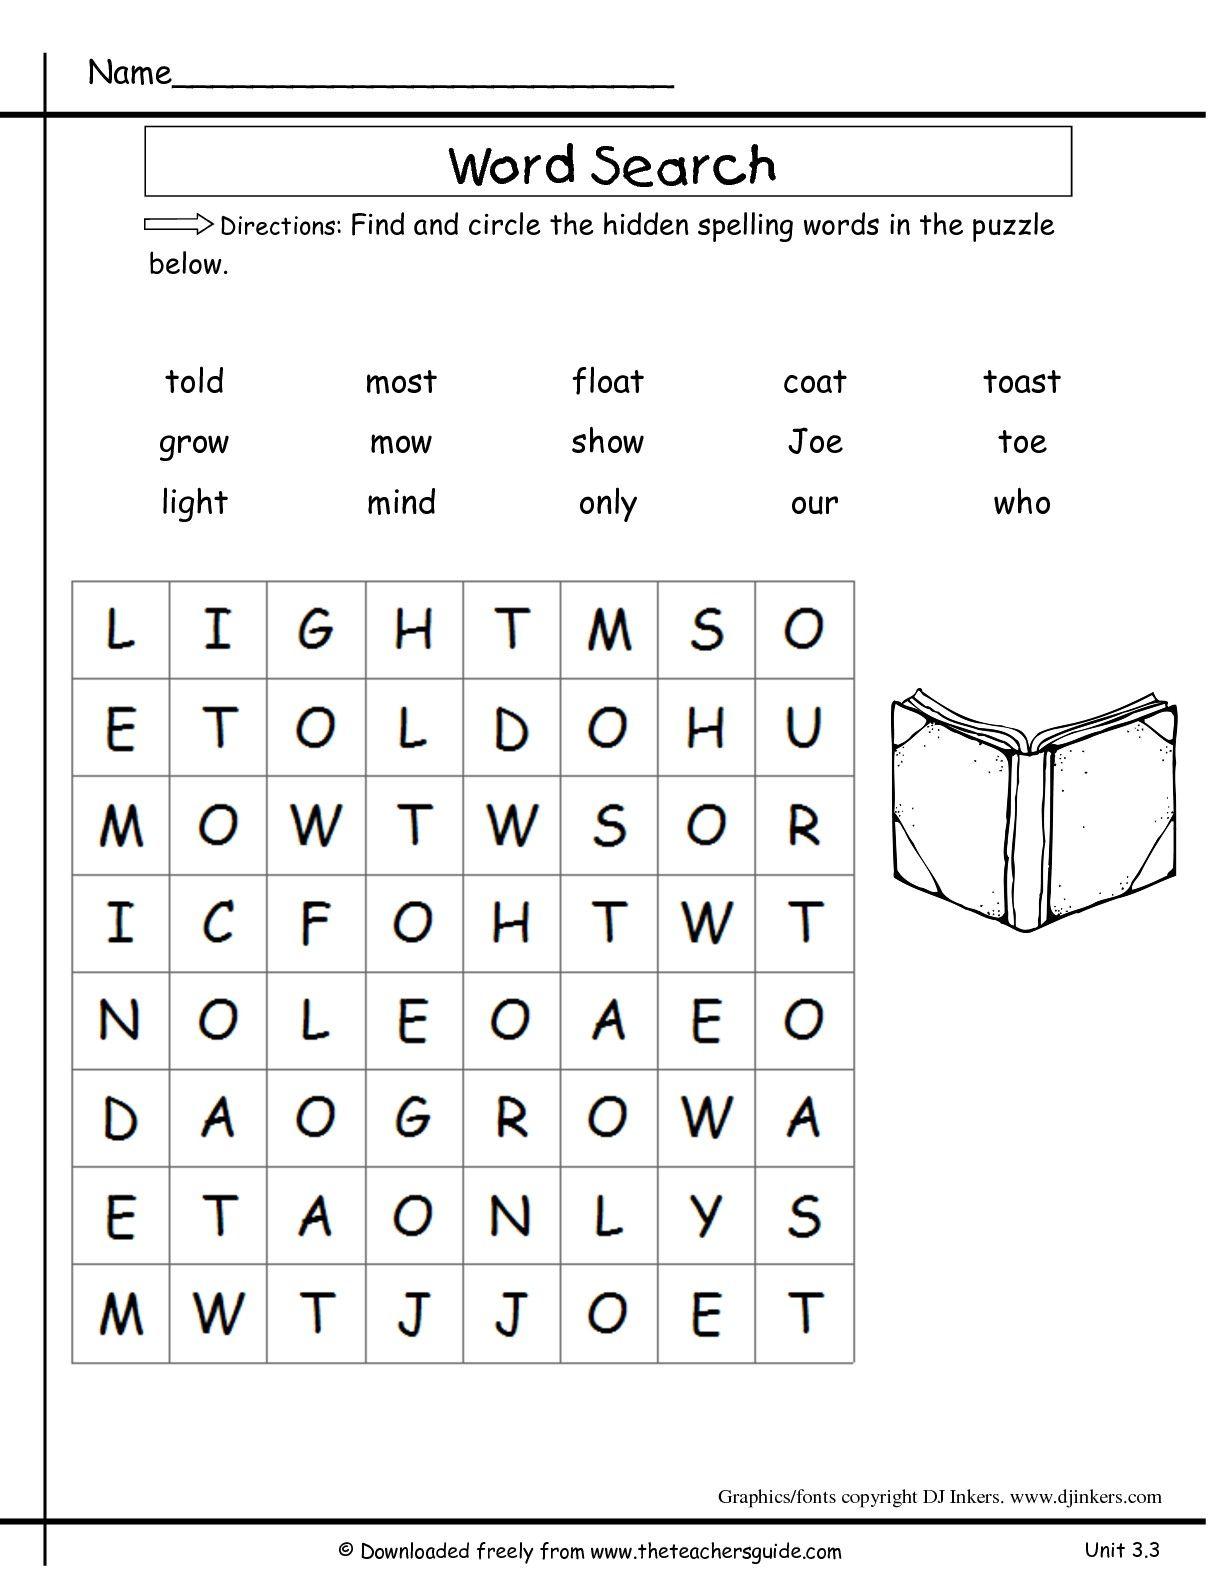 hight resolution of unitthreeweekthreespellingsearchttg-001-001.jpg (1224×1584)   Grade spelling